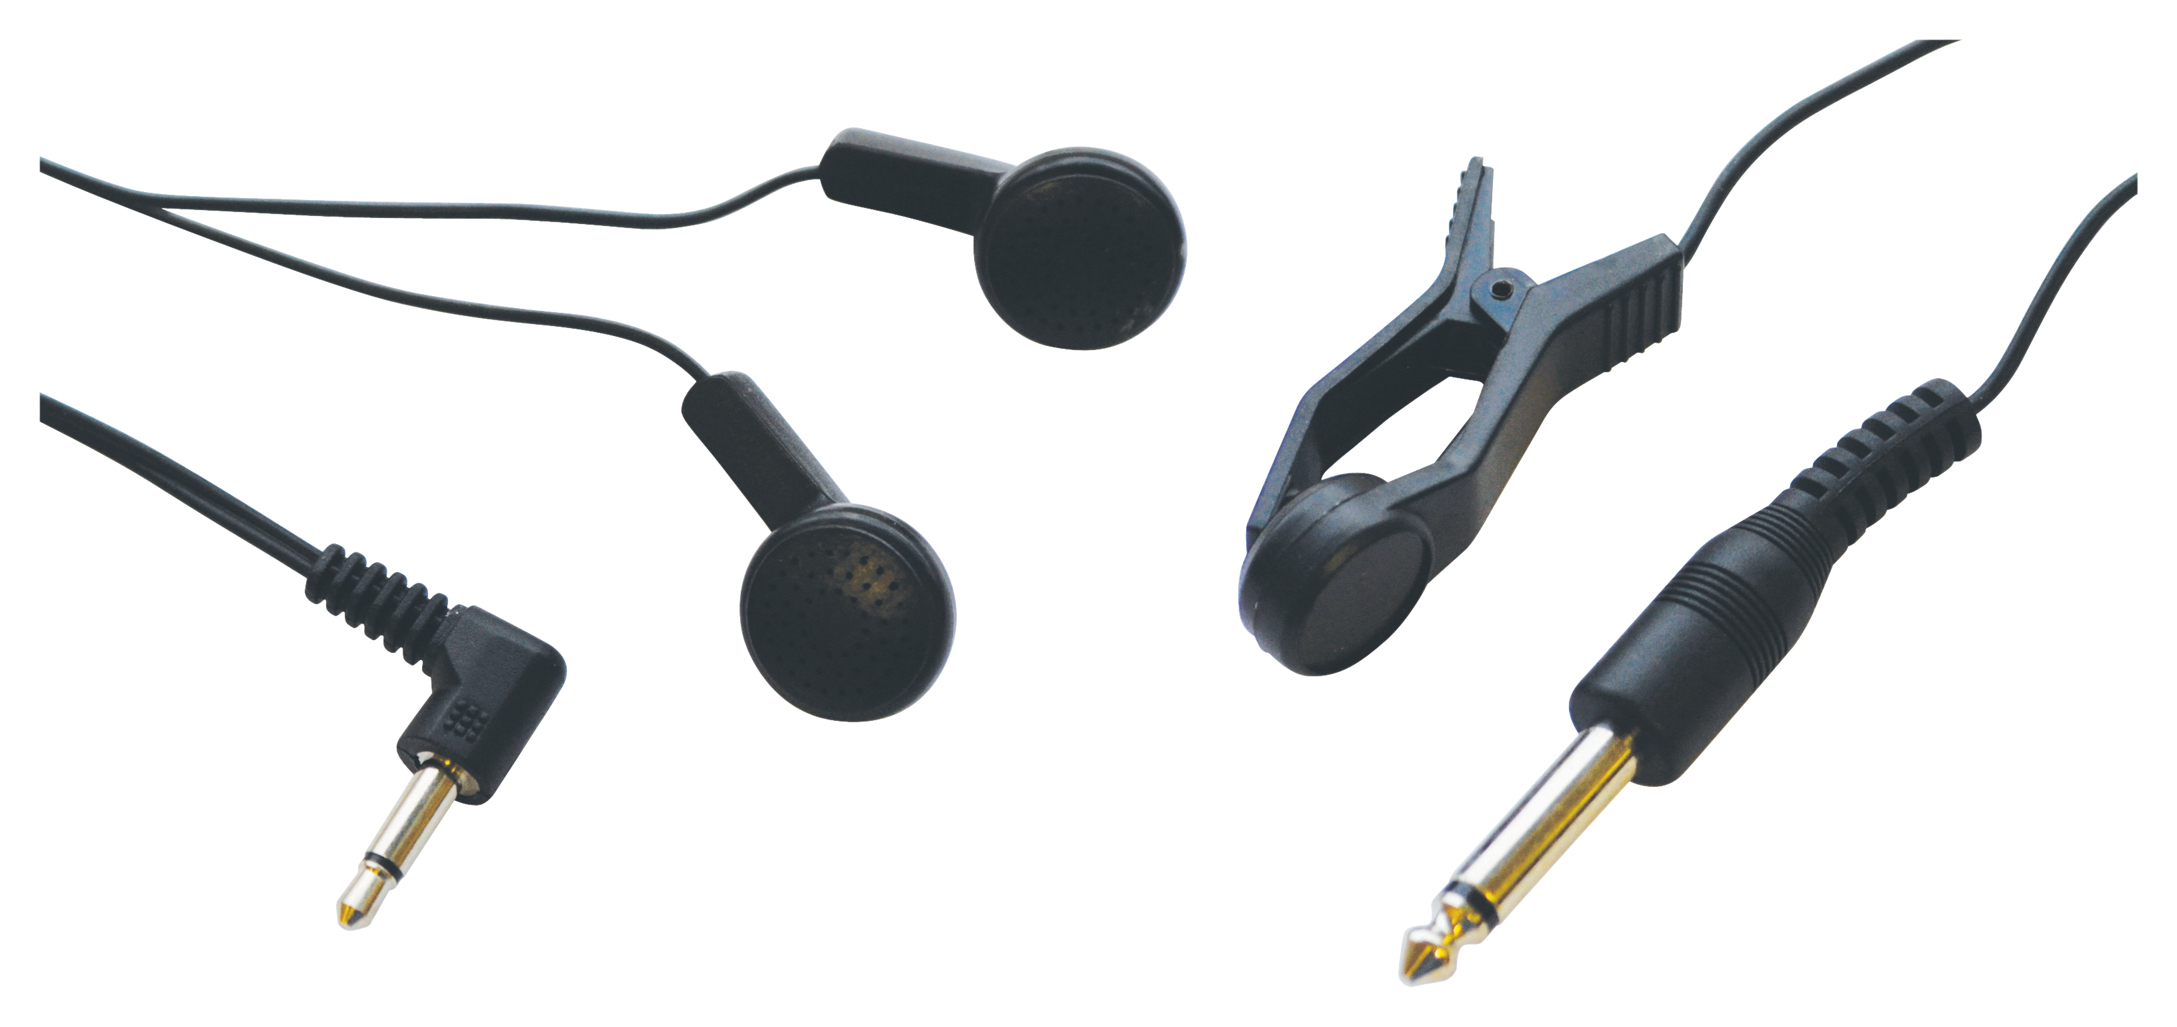 Guitar Tuner By Microphone : imustbuy soundlab guitar tuner contact microphone ebay ~ Hamham.info Haus und Dekorationen